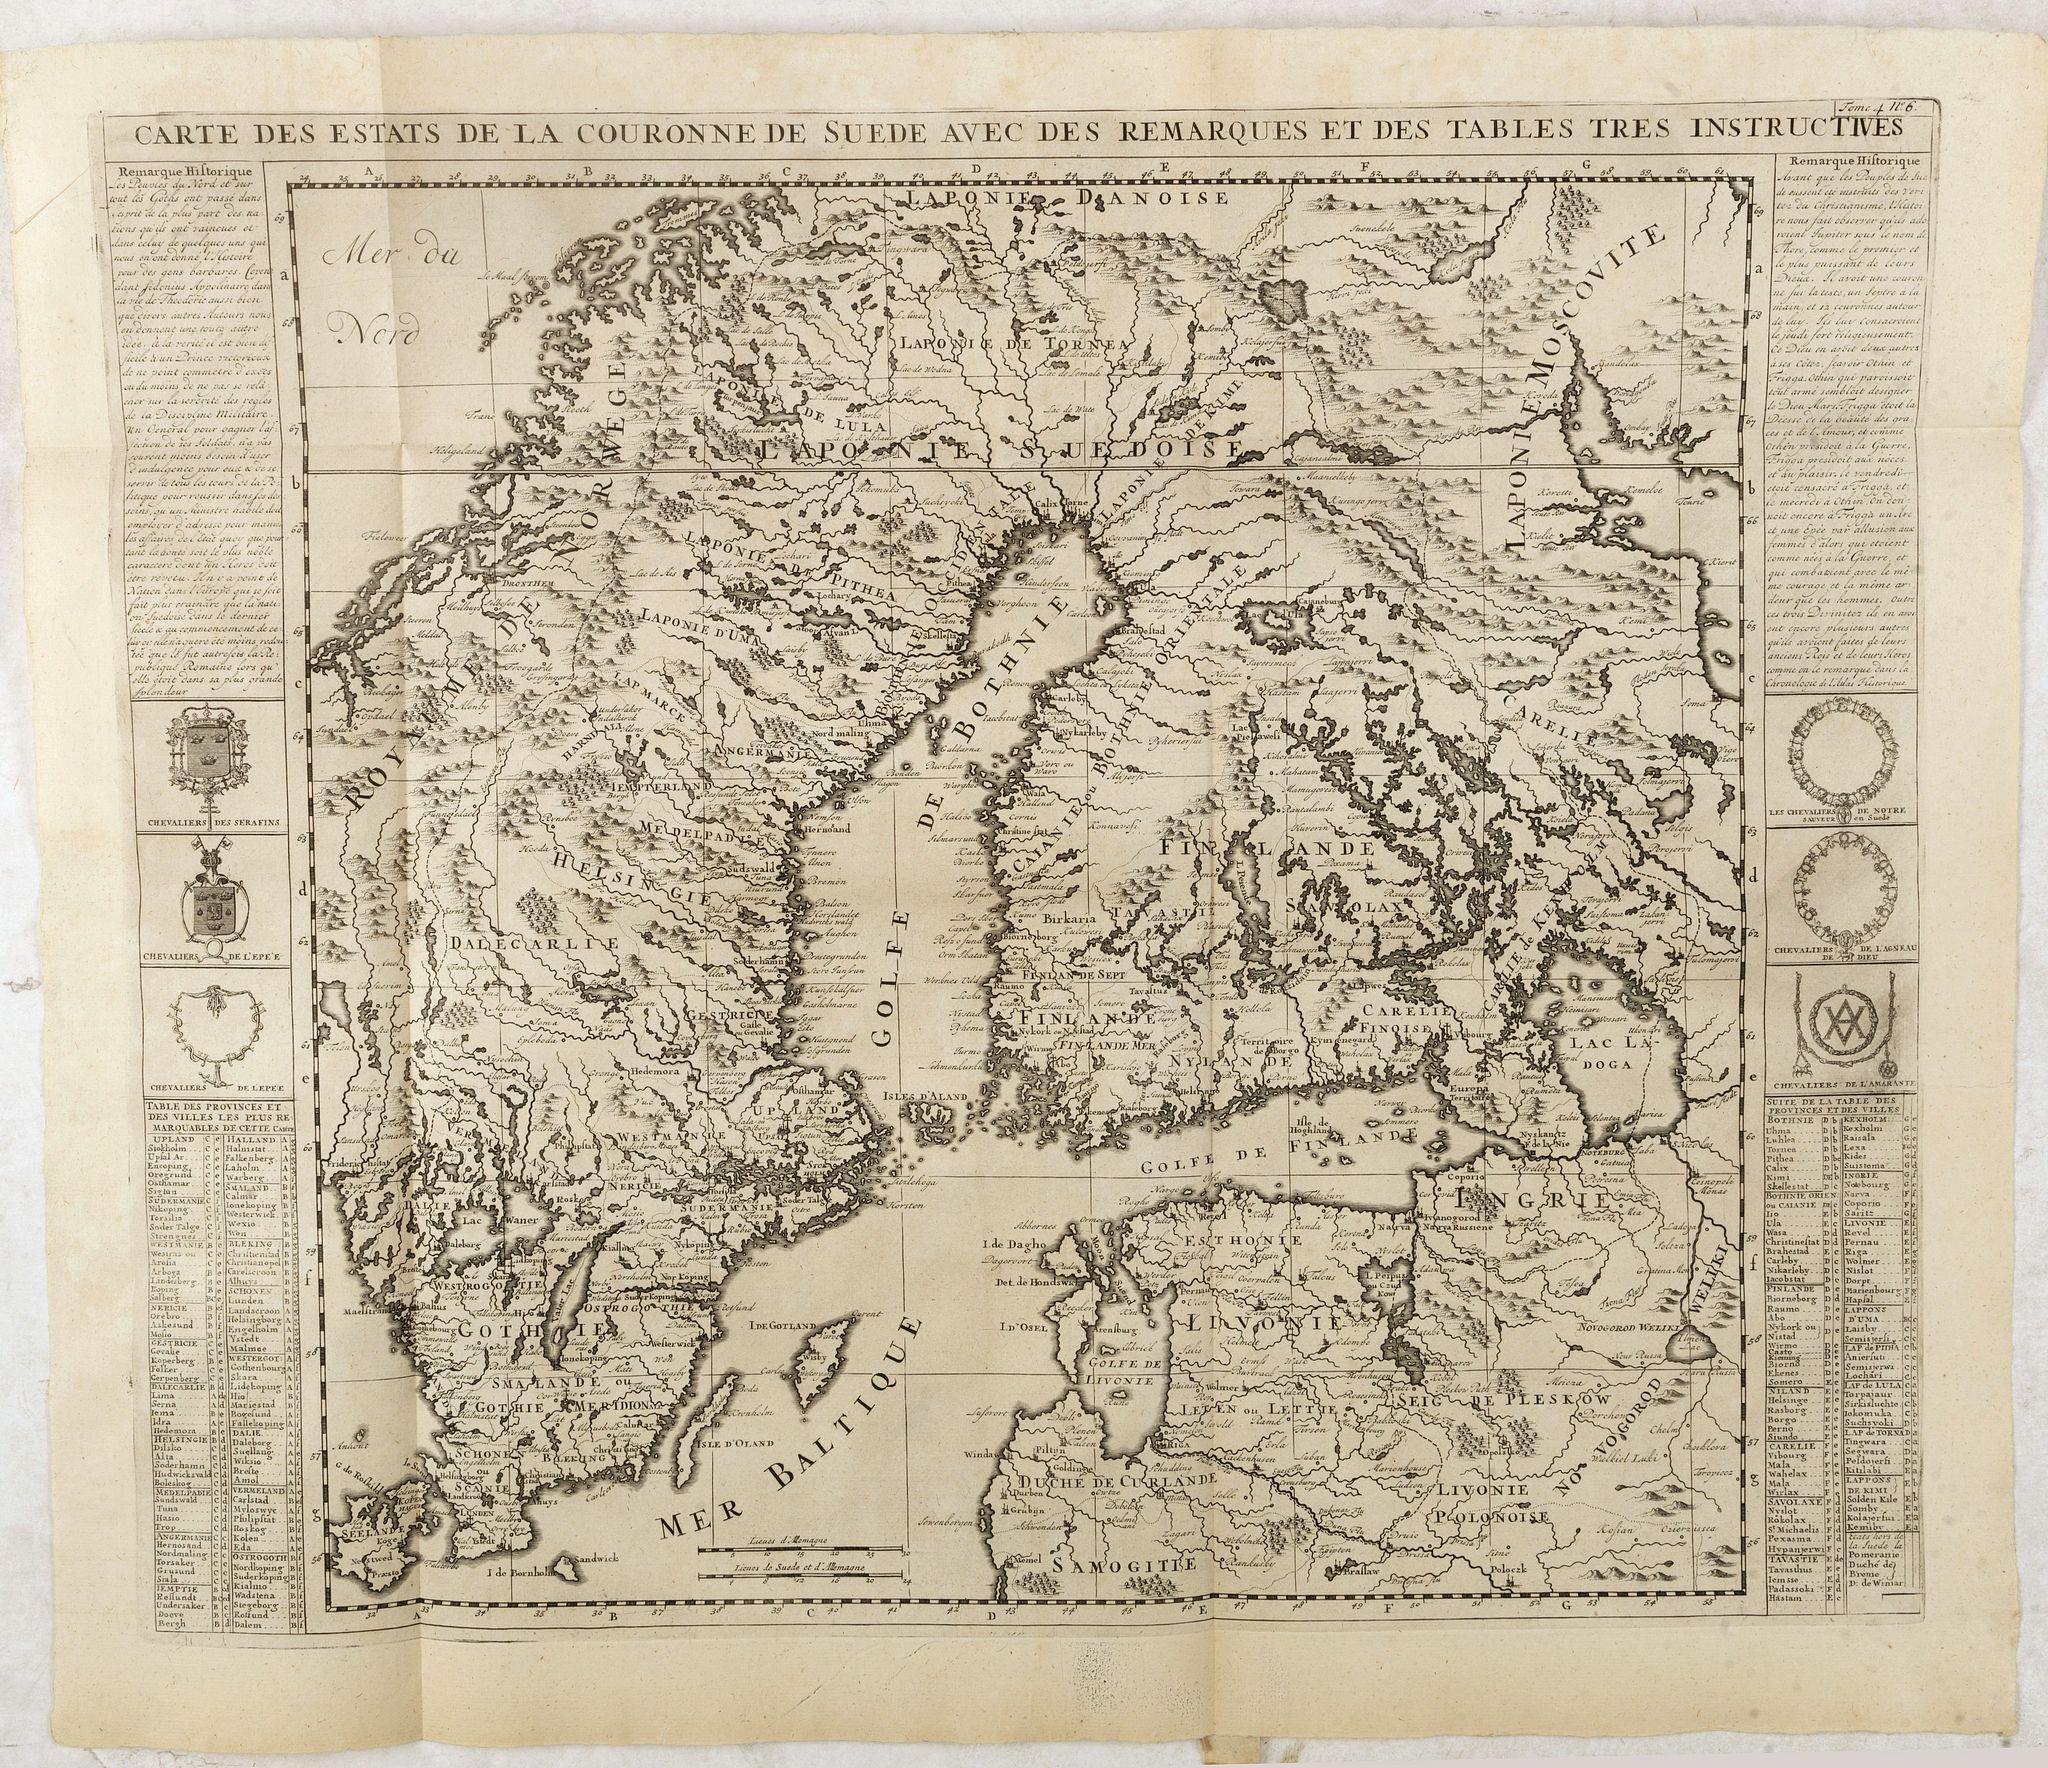 CHATELAIN, H. -  Carte des Estats de la Couronne de Suède avec des Remarques et des Tables Tres Instructives.